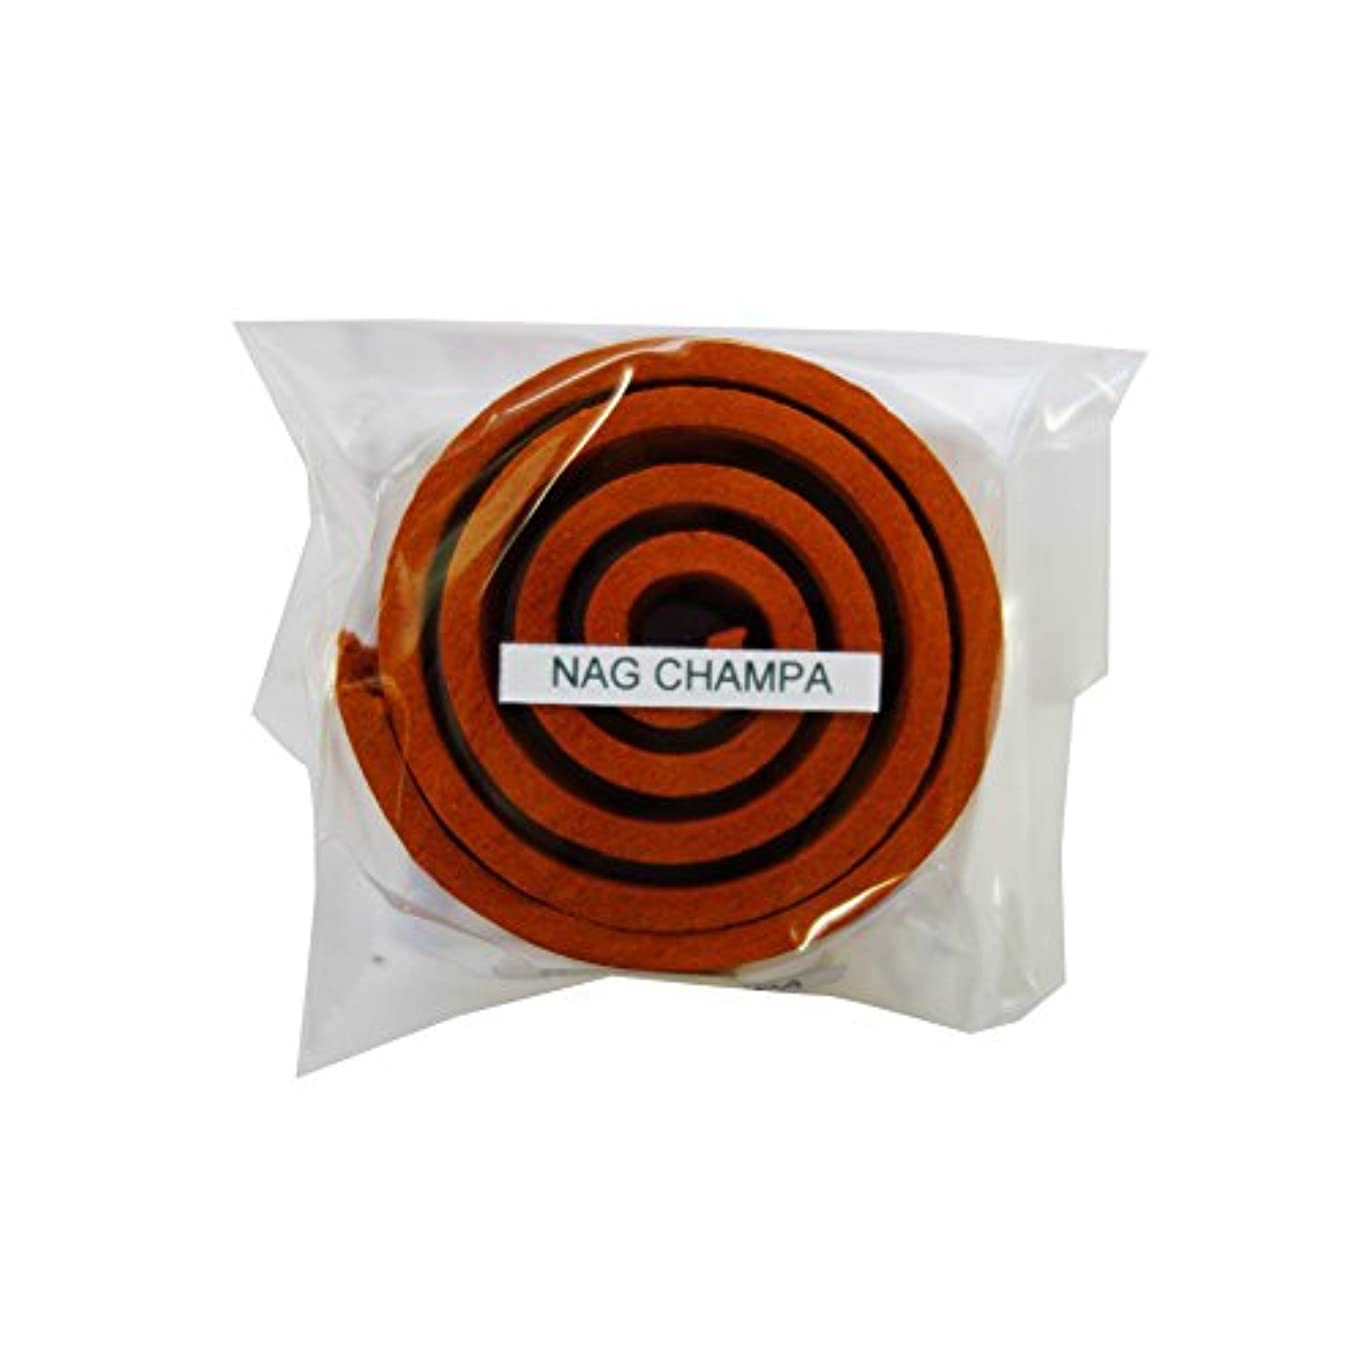 麻酔薬動力学クリープお香/うずまき香 Nag Champa ナグチャンパ 直径5cm×5巻セット [並行輸入品]